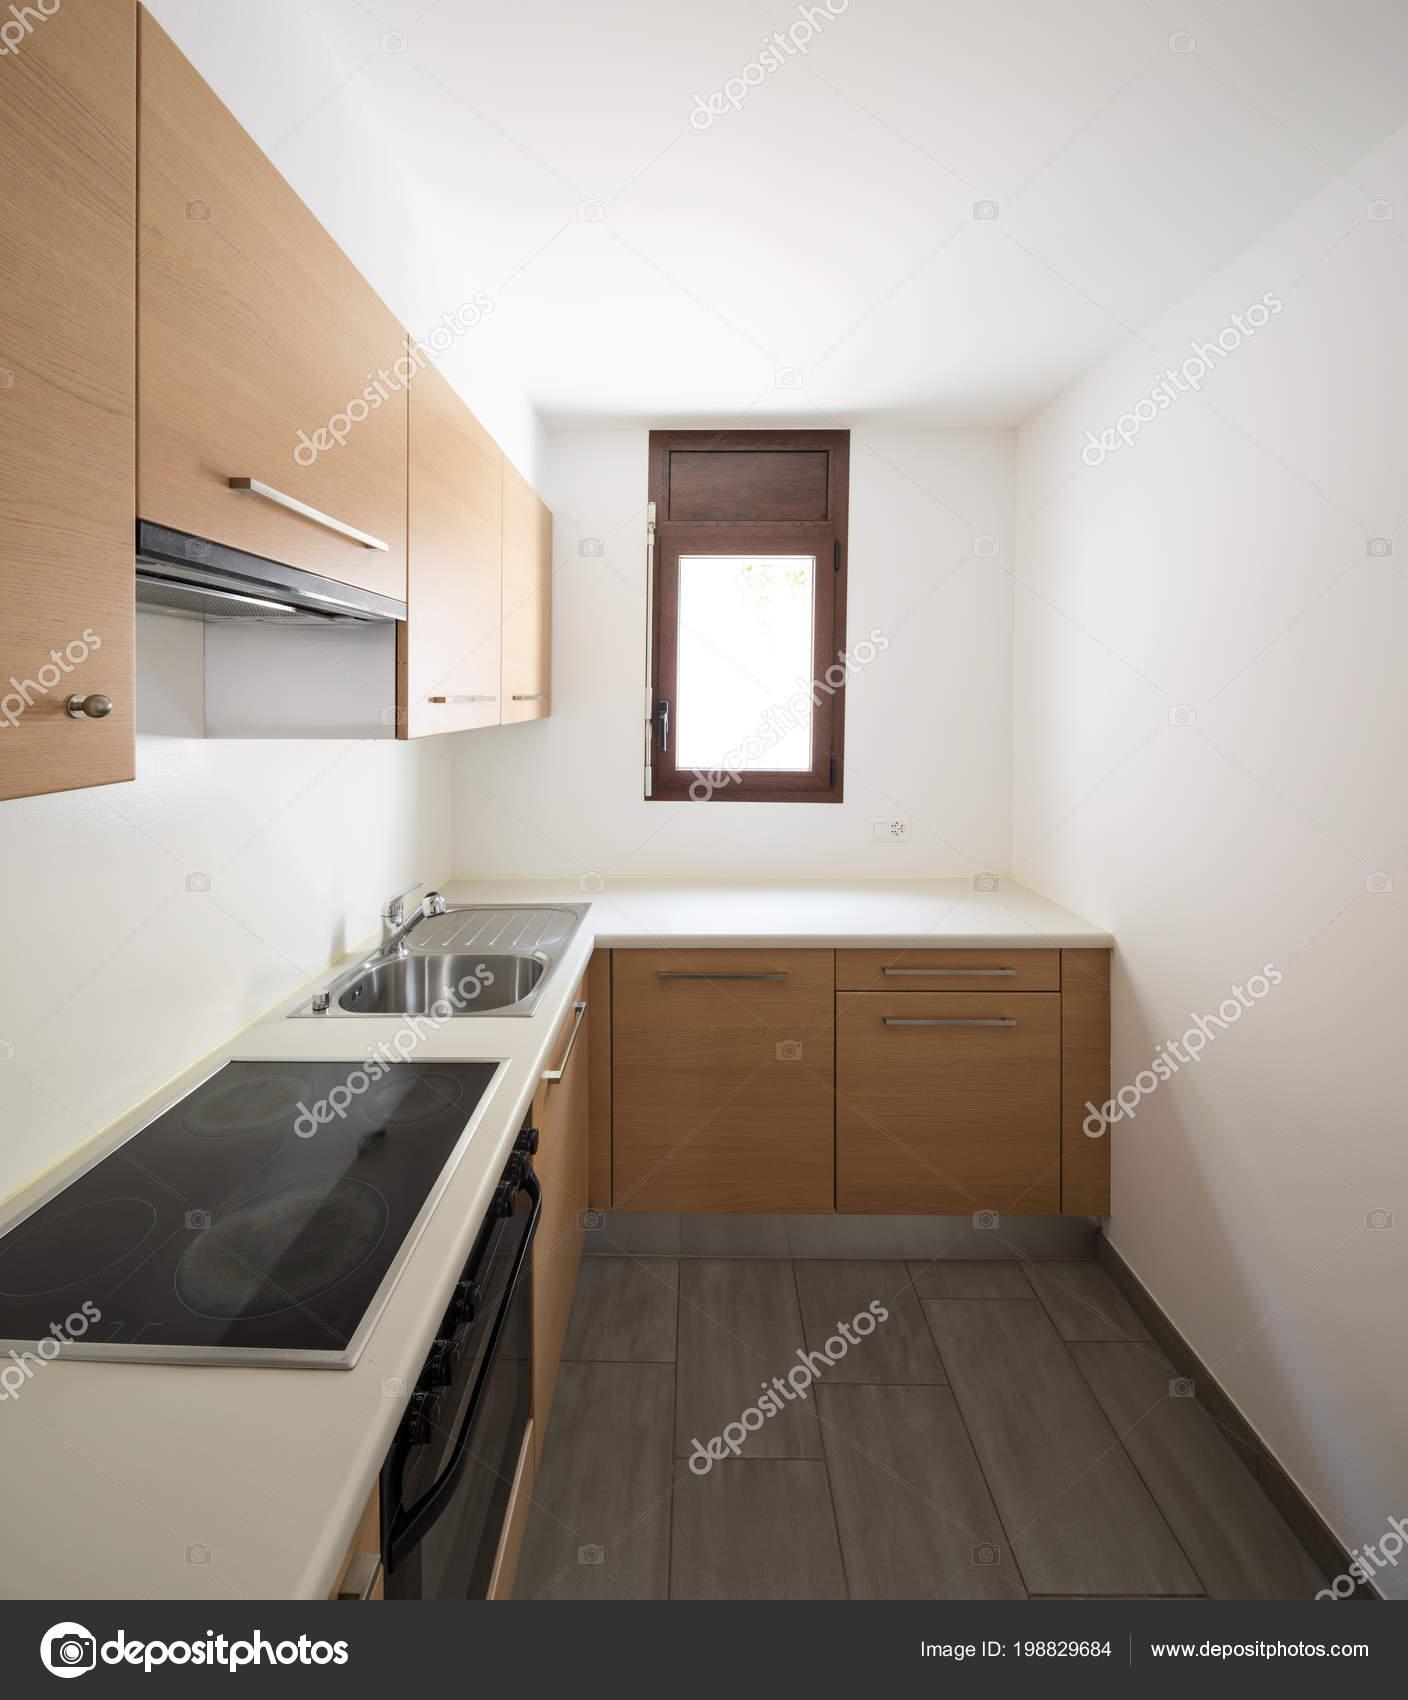 Moderne Kuche Holz Und Weisse Wande Kleines Fenster Niemand Inneren